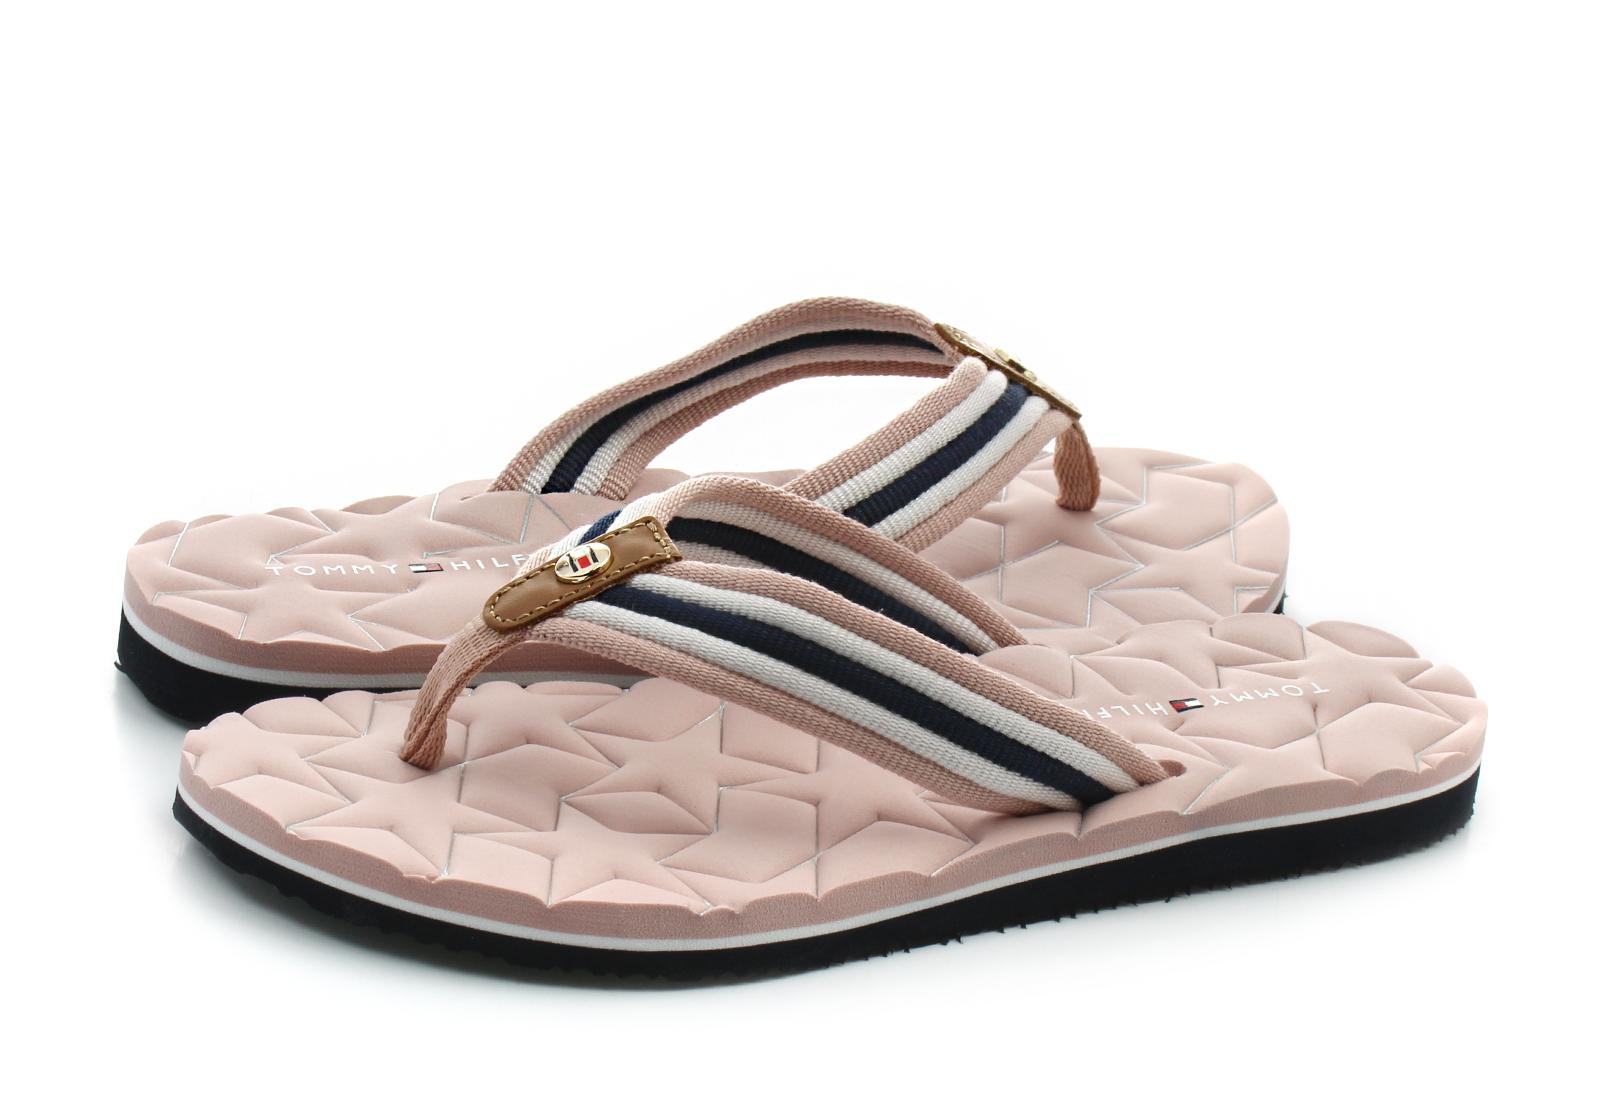 Tommy Hilfiger Papuče I Natikače Roze Papuče I Natikače - Mellie 12 - Office  Shoes - Online trgovina obuće a73bd0bb52